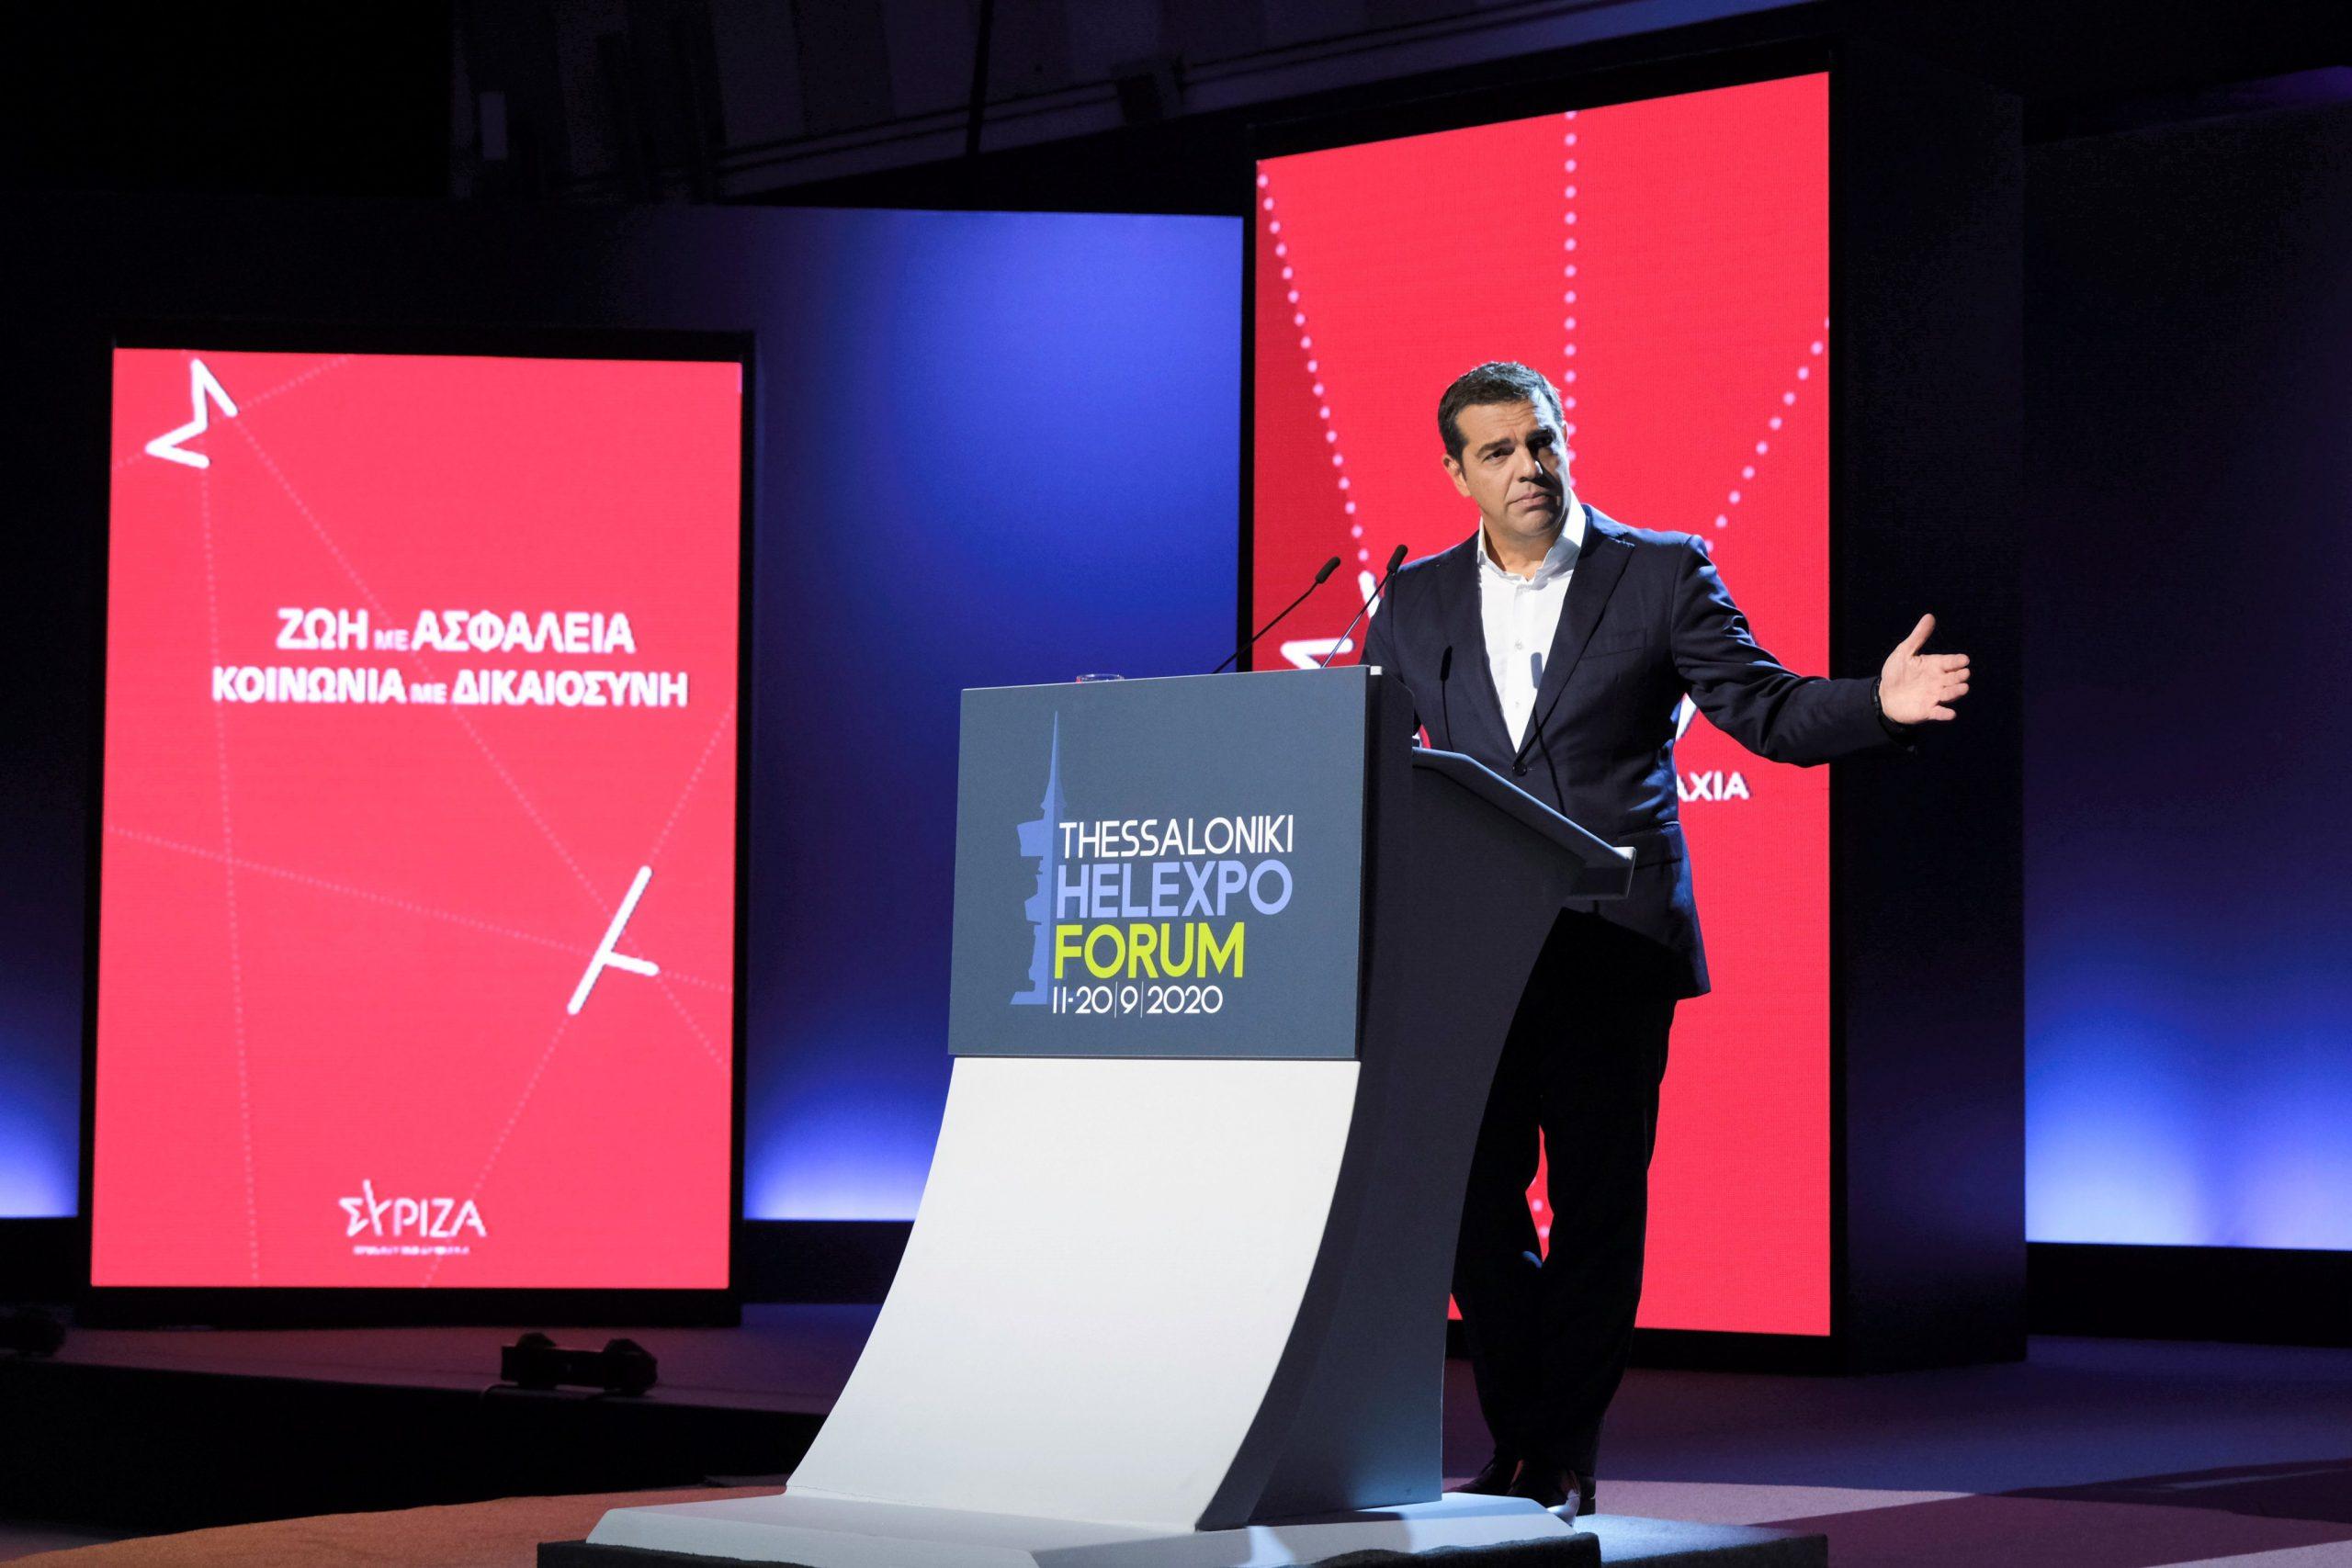 Την πρόταση του ΣΥΡΙΖΑ - Πολιτική Συμμαχία για μια «νέα κοινωνική συμφωνία» παρουσίασε στη ΔΕΘ ο Αλέξης Τσίπρας (video)